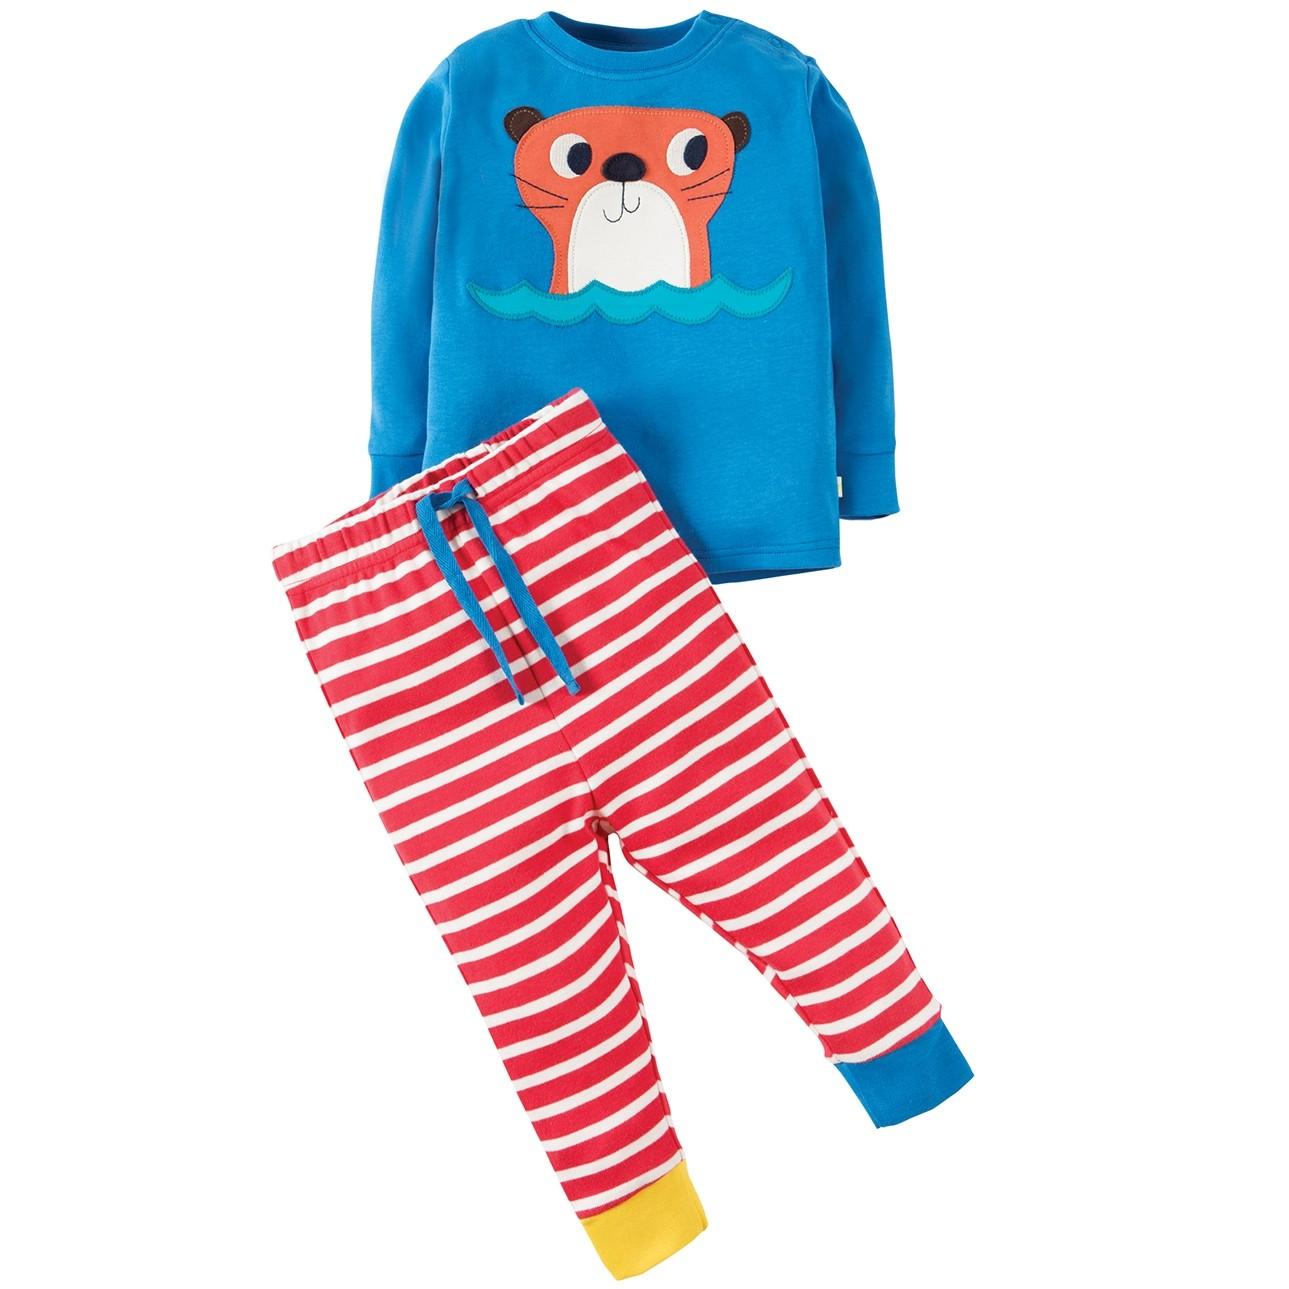 d7ea9e52a6 Frugi Otter Little Long John PJs